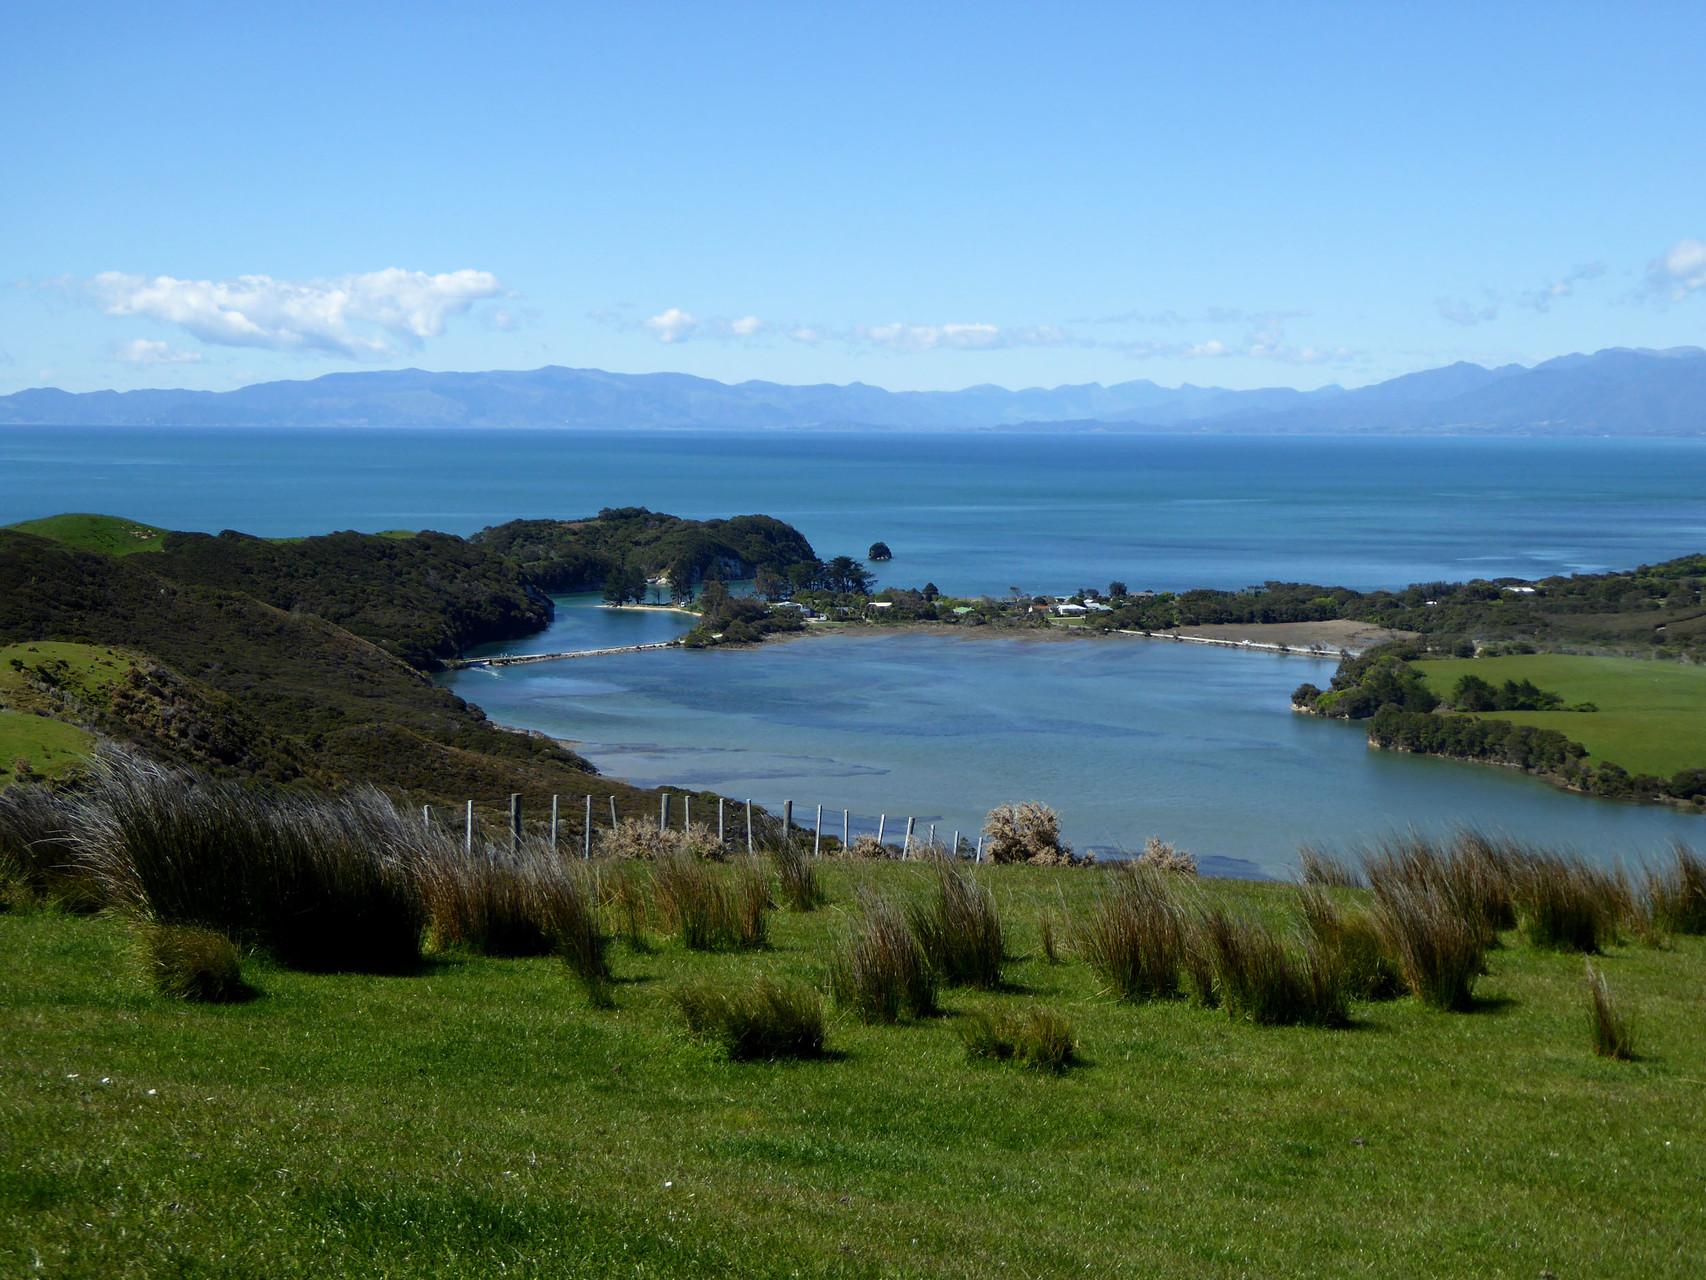 Ganz im Norden der Südinsel